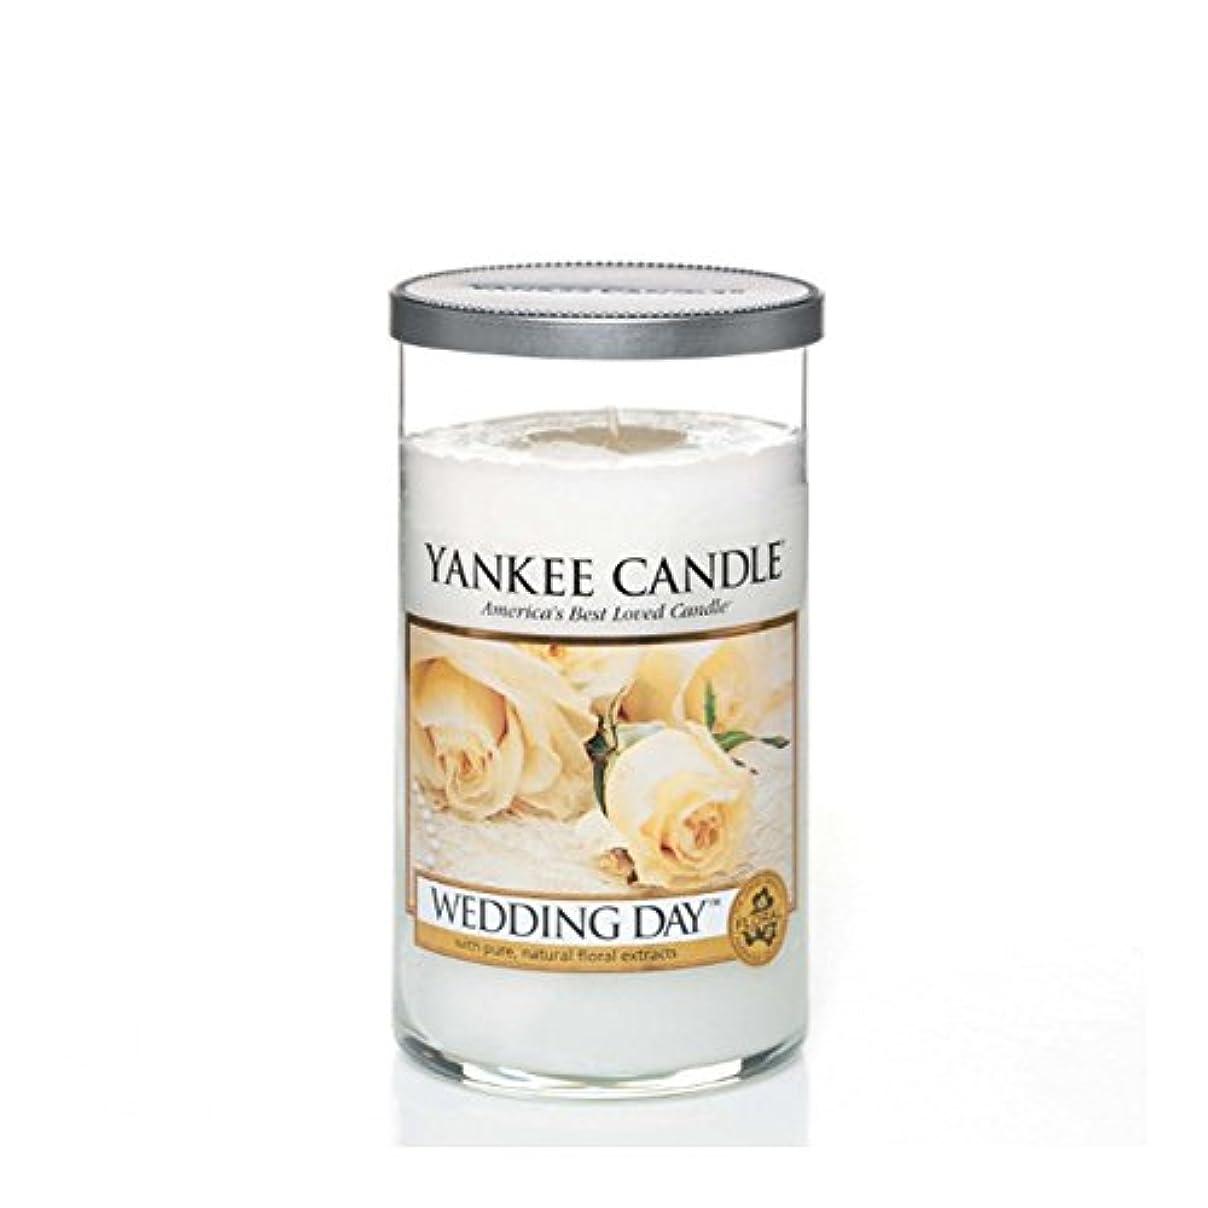 酔ったとても多くのメリーヤンキーキャンドルメディアピラーキャンドル - 結婚式の日 - Yankee Candles Medium Pillar Candle - Wedding Day (Yankee Candles) [並行輸入品]